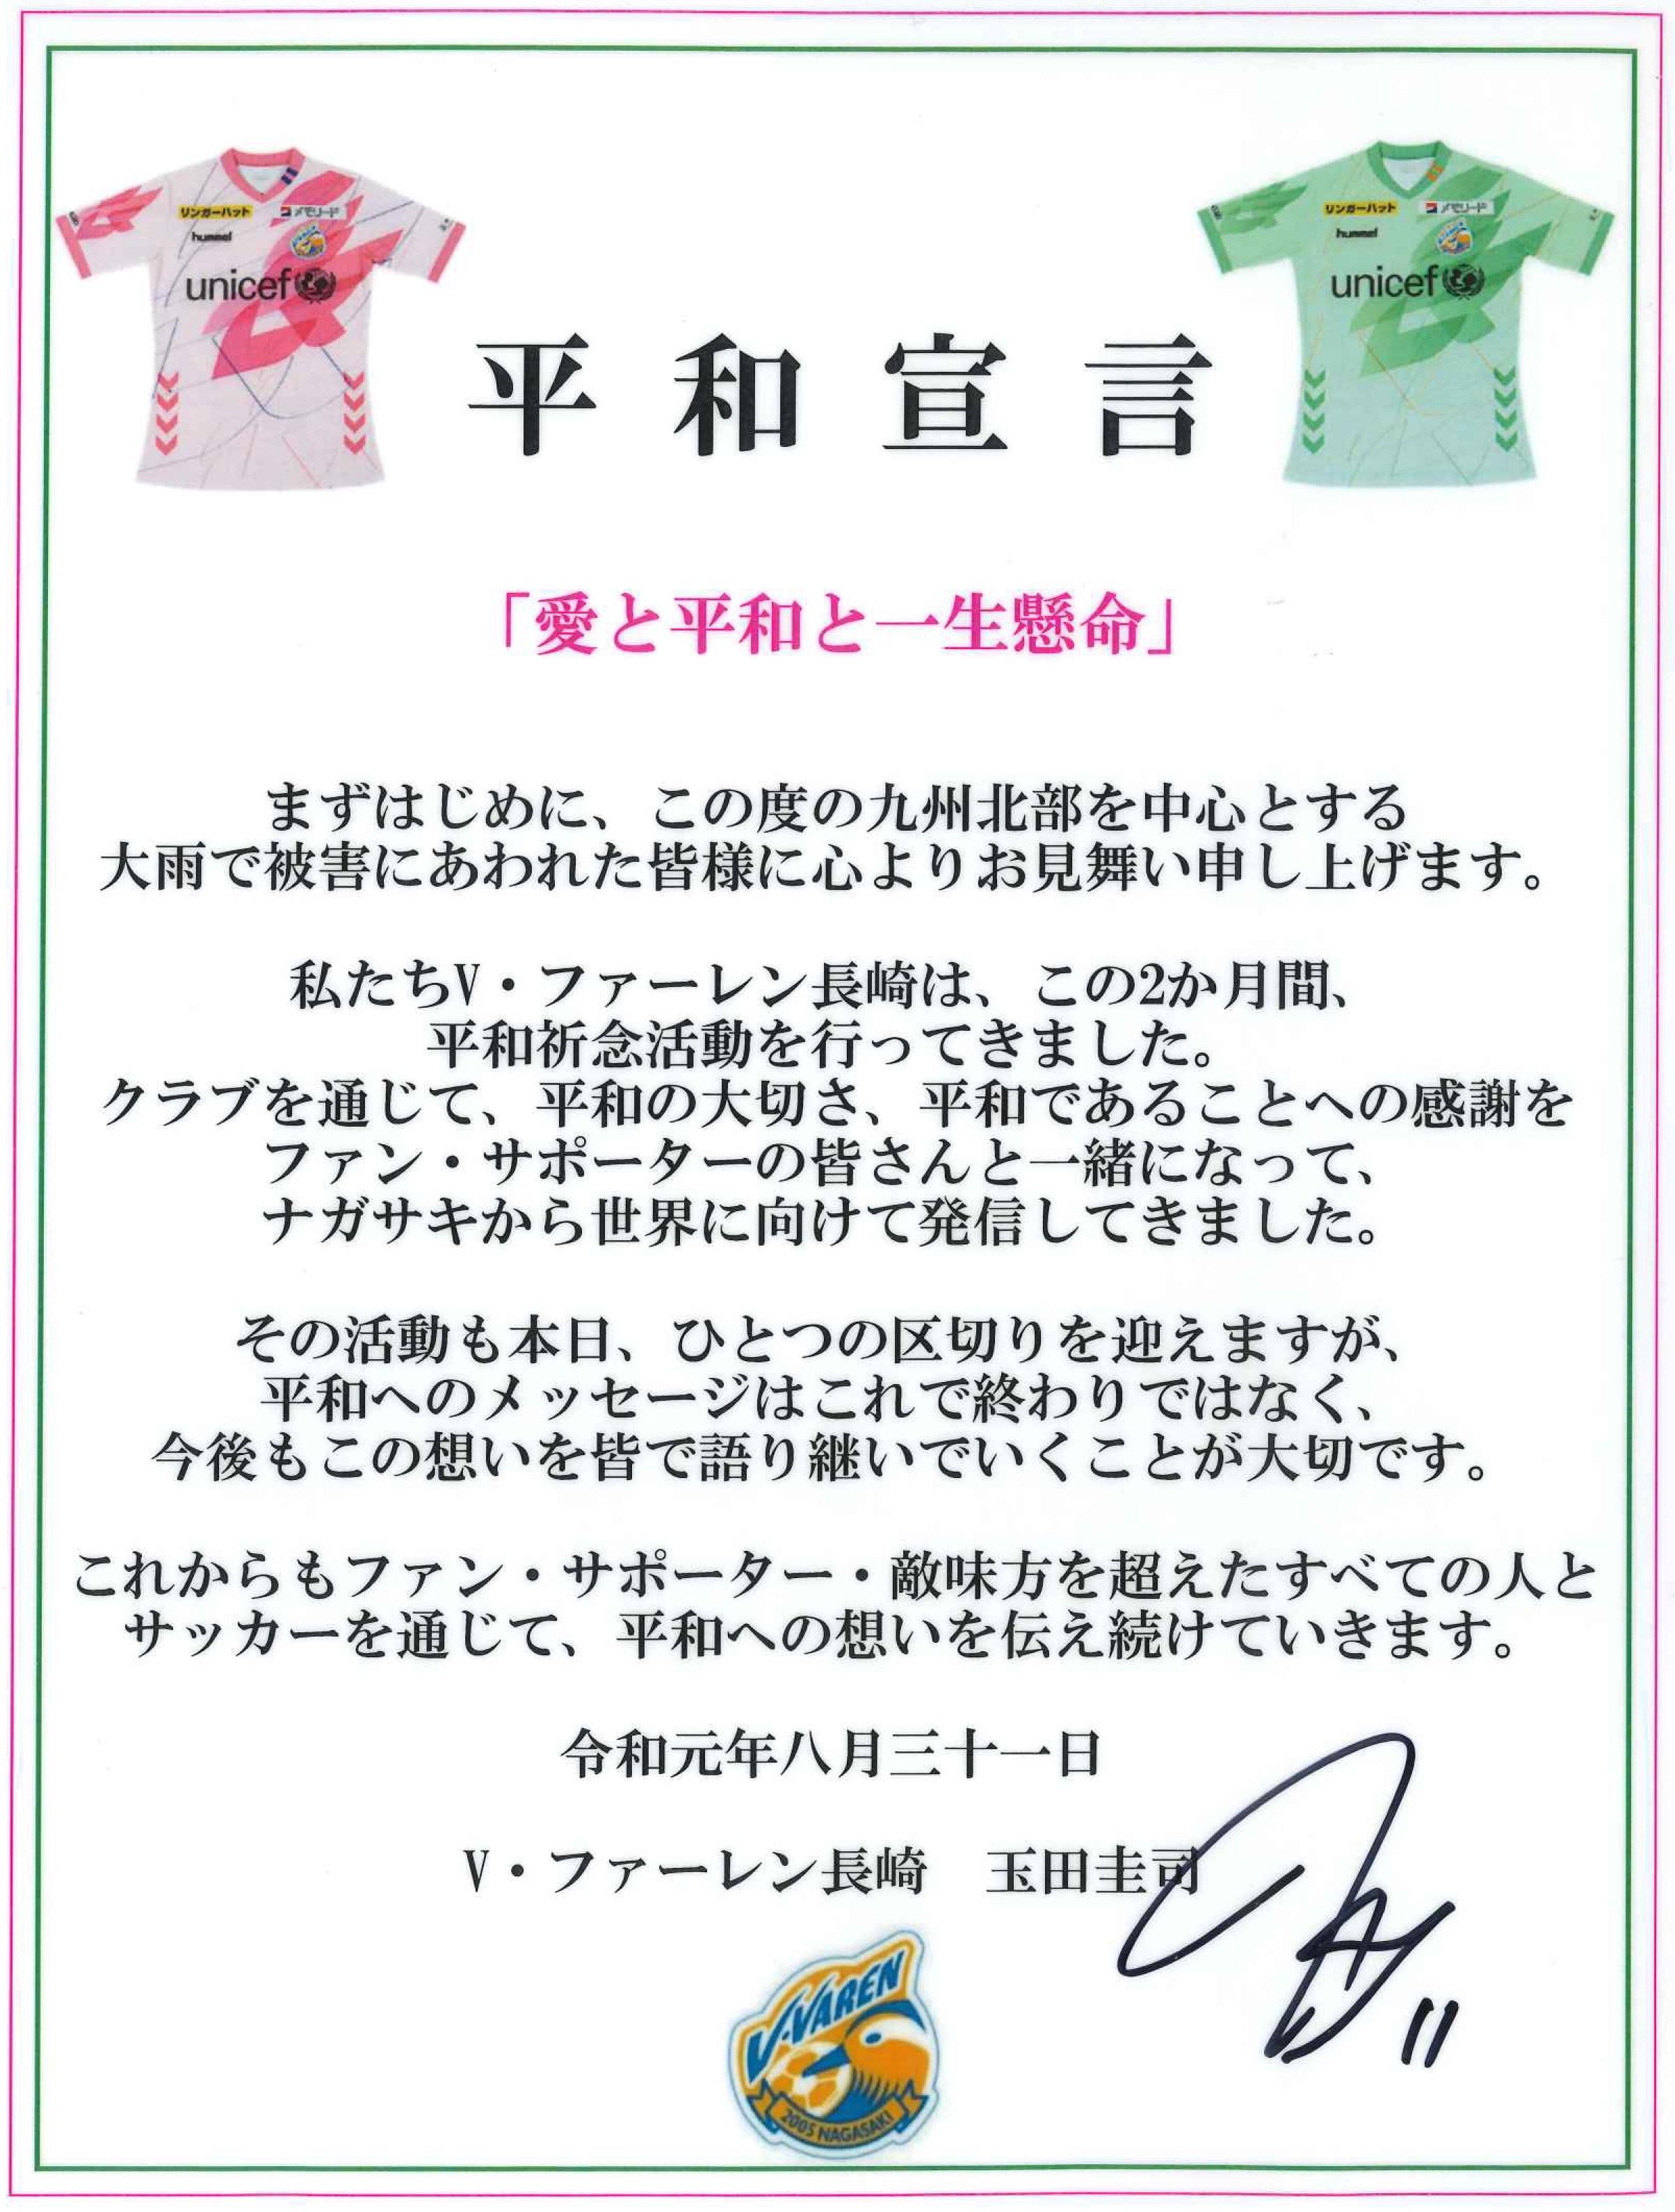 玉田 圭司選手による平和宣言